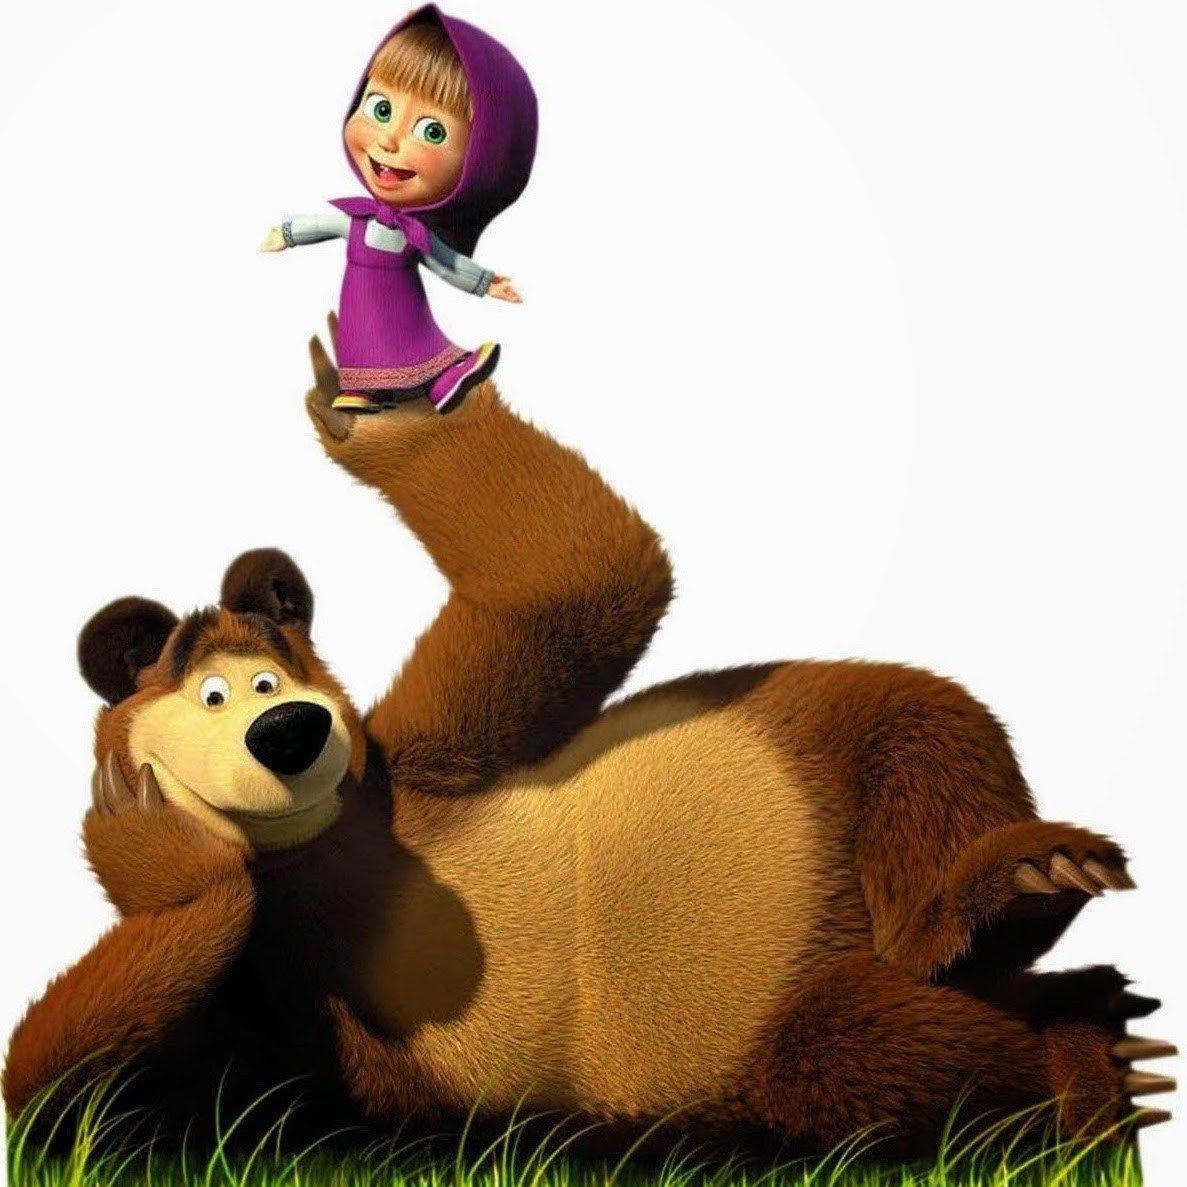 Marcha e urso r em mercado livre